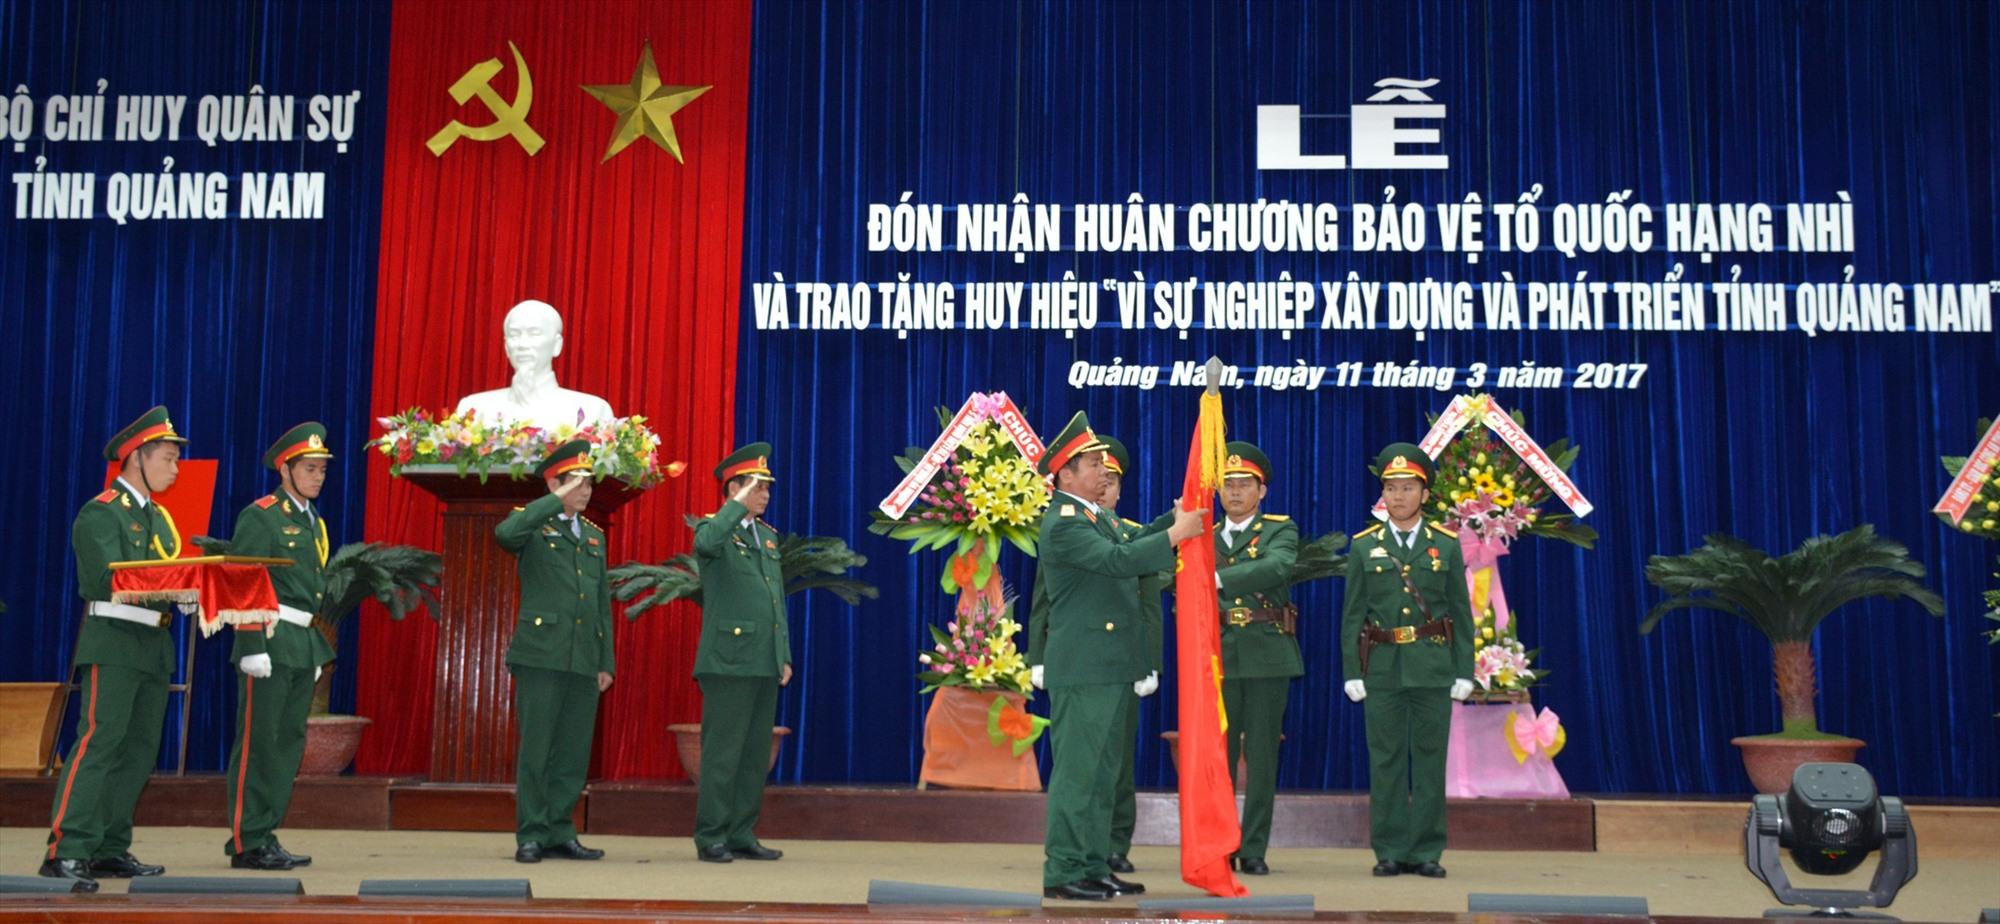 Lực lượng vũ trang tỉnh đón nhận Huân chương Bảo vệ Tổ quốc hạng Nhì năm 2017. Ảnh: T.A